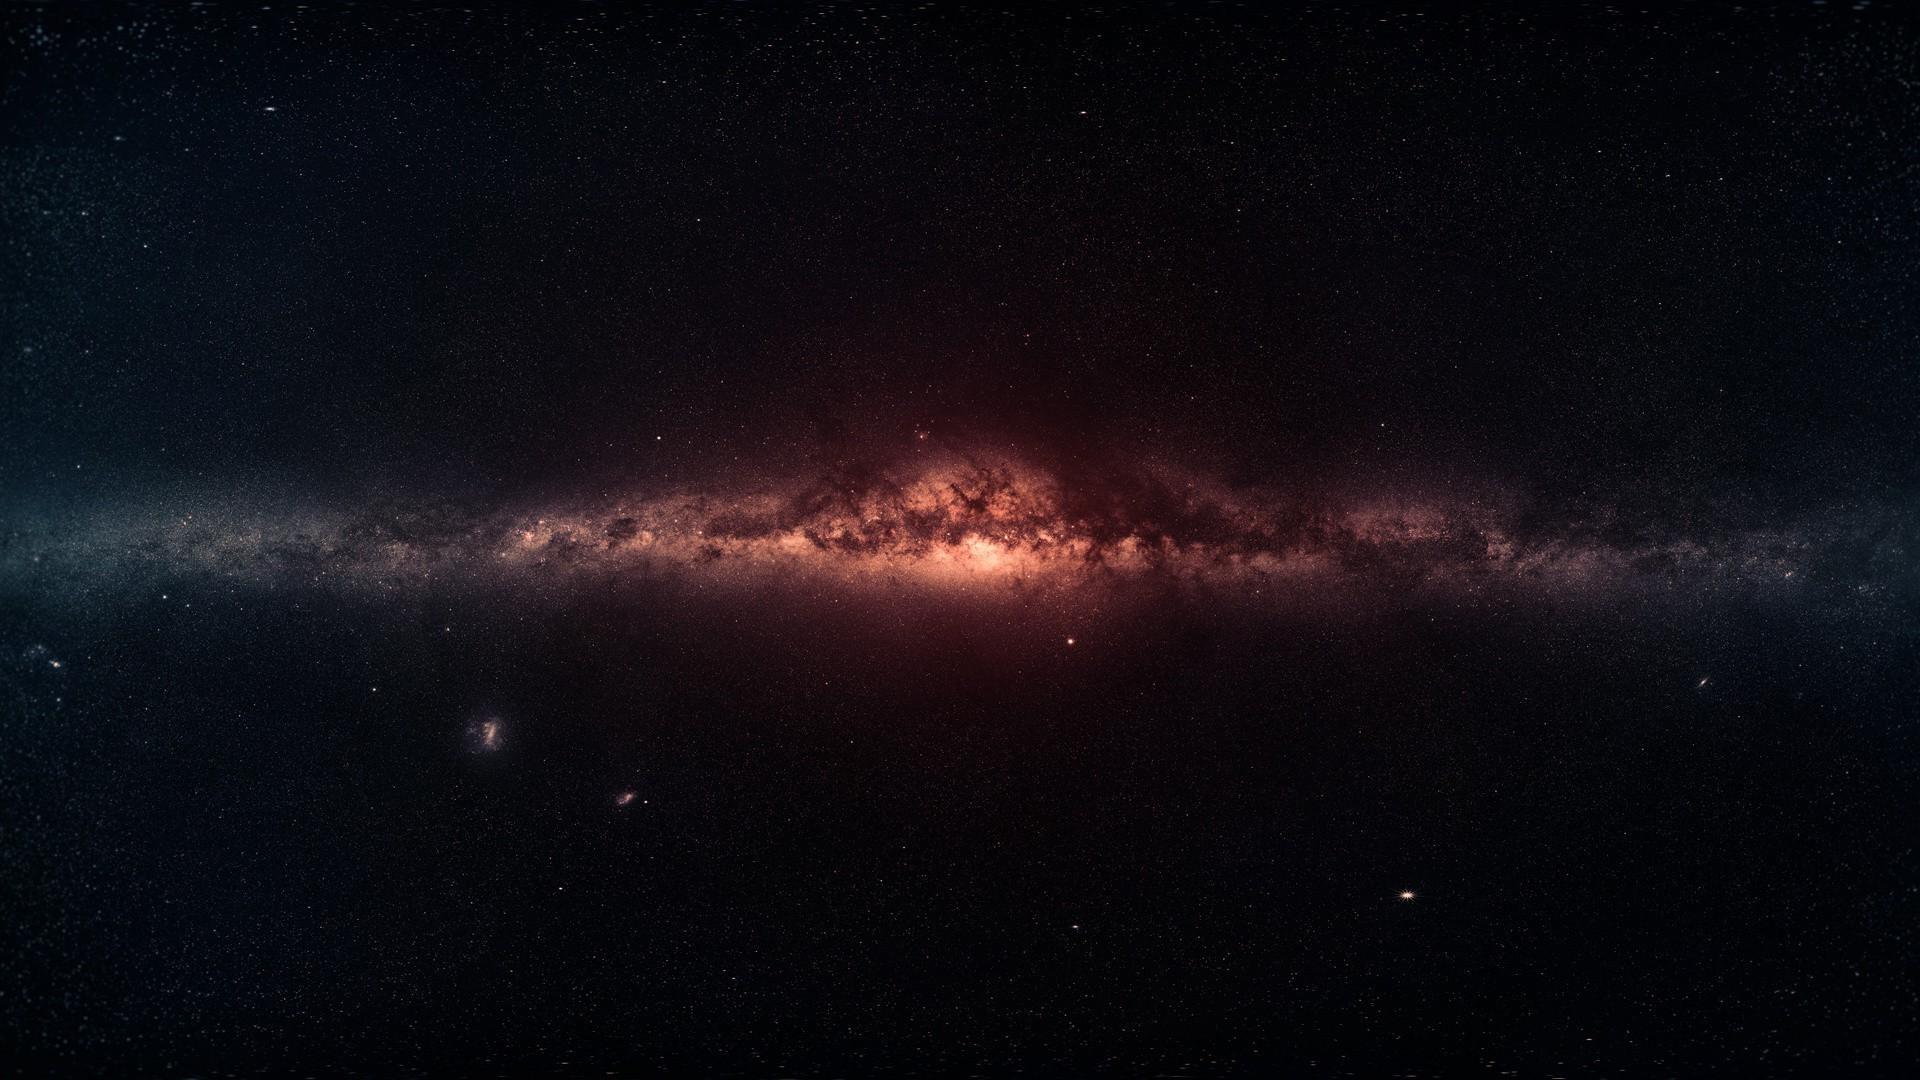 Milky Way Wallpaper 1920x1080 71 Images: Milky Way Wallpaper 1920x1080